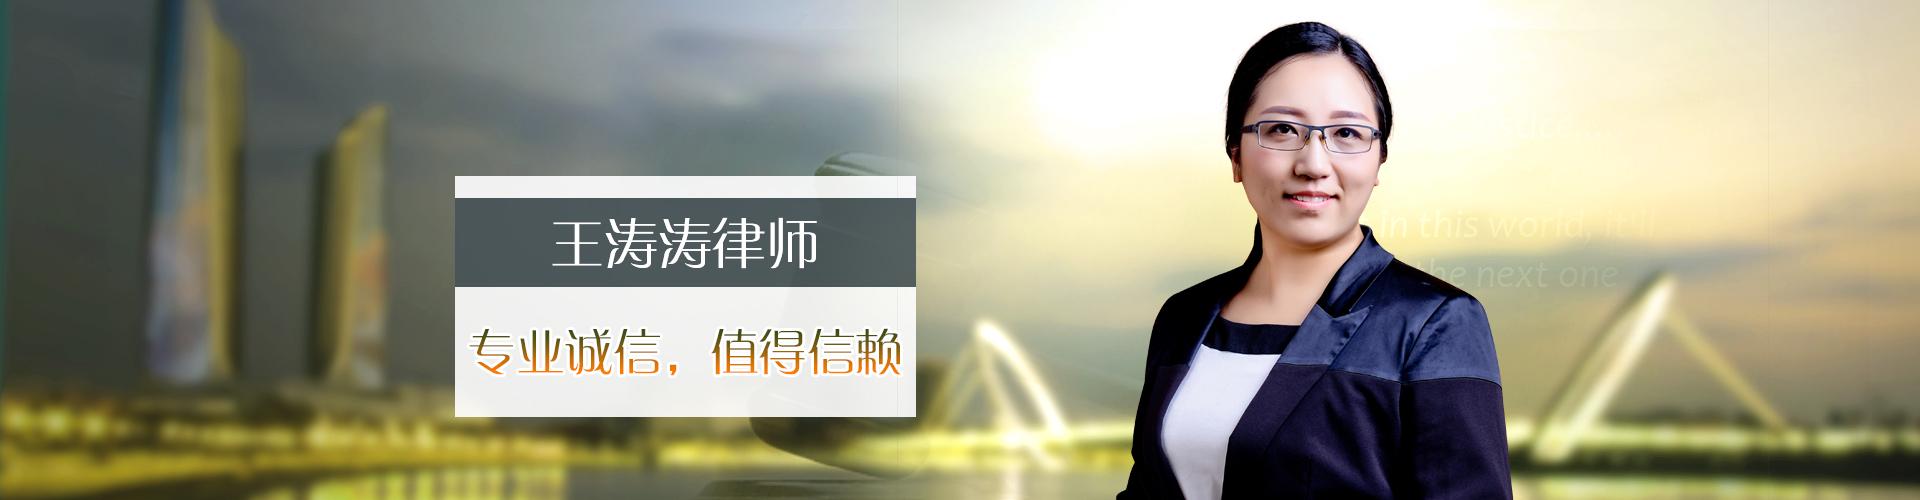 河北王涛涛律师